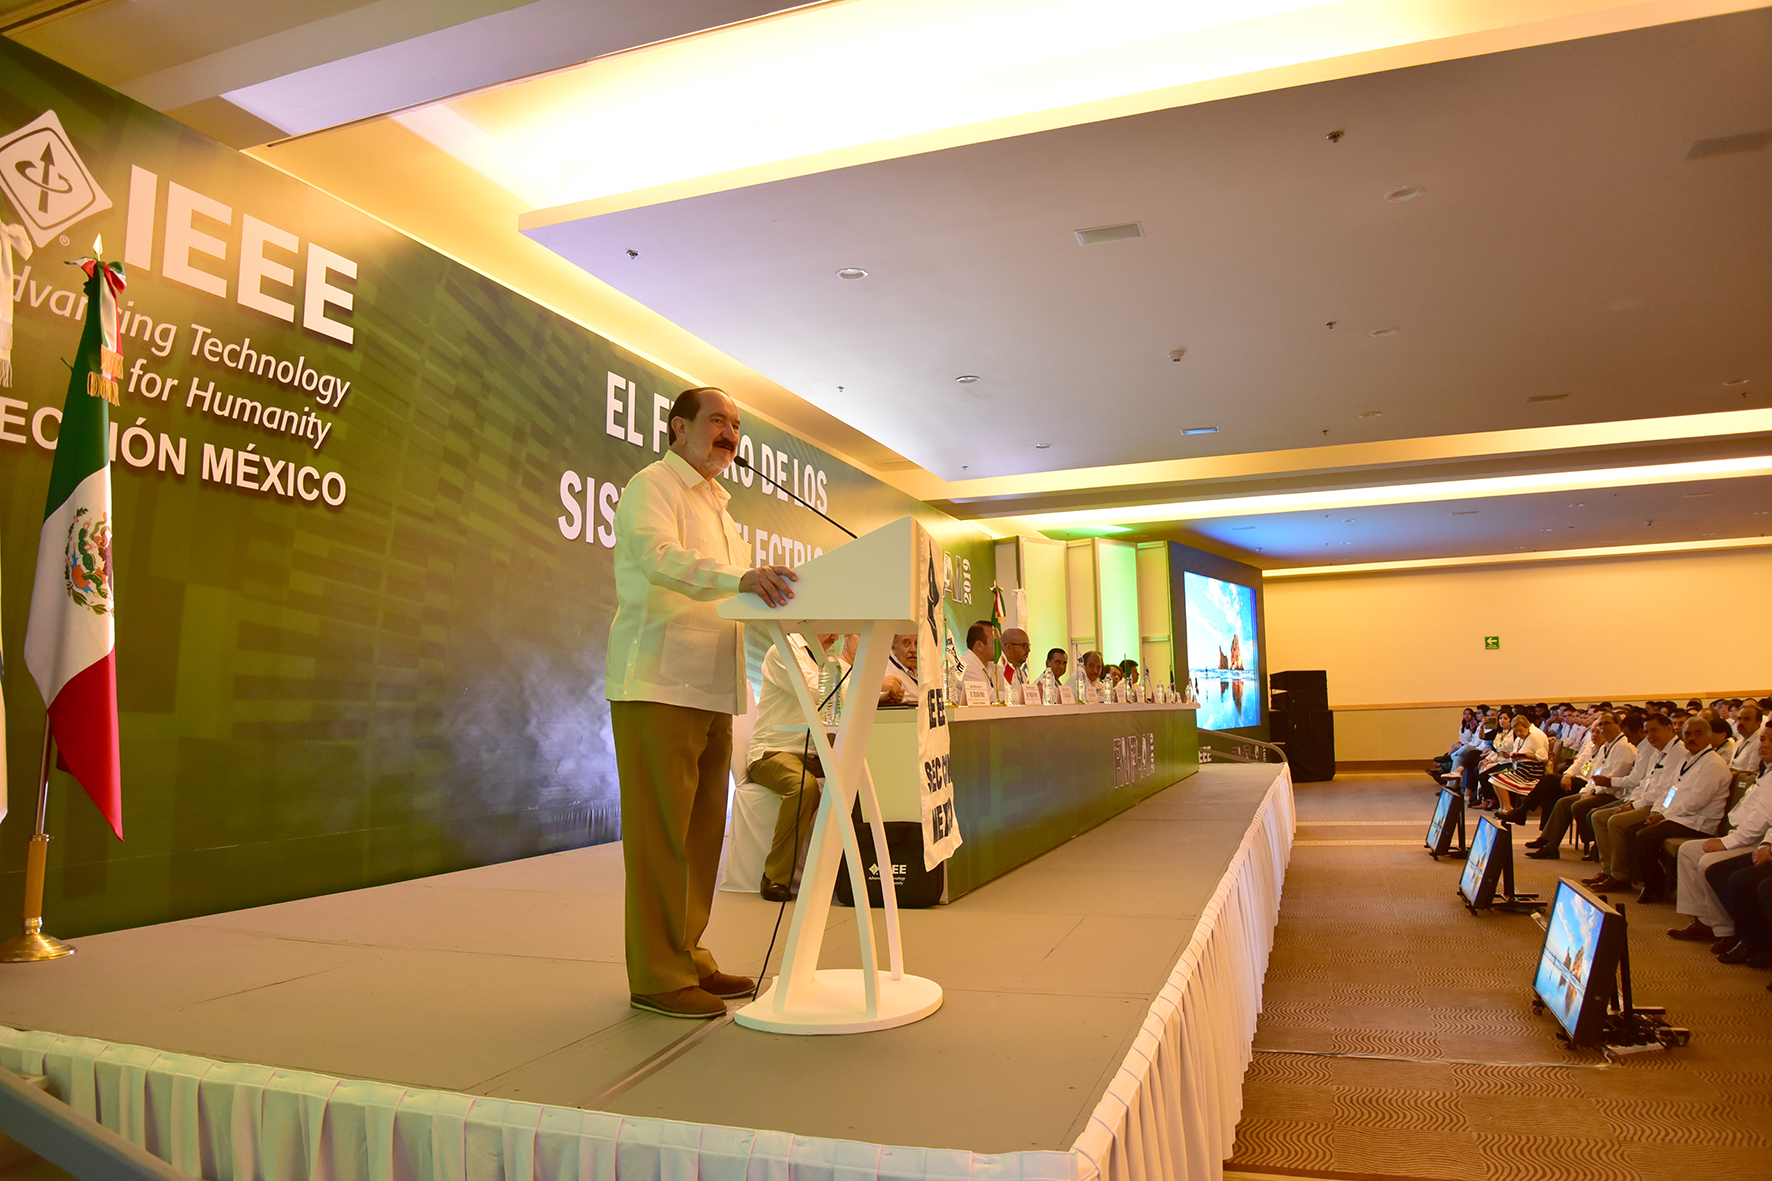 Dentro de los participantes a este evento se destacan: CFE, SIEMENS, CONDUMEX, HILTI, GE ENERGY, VIAKON, entre otros.